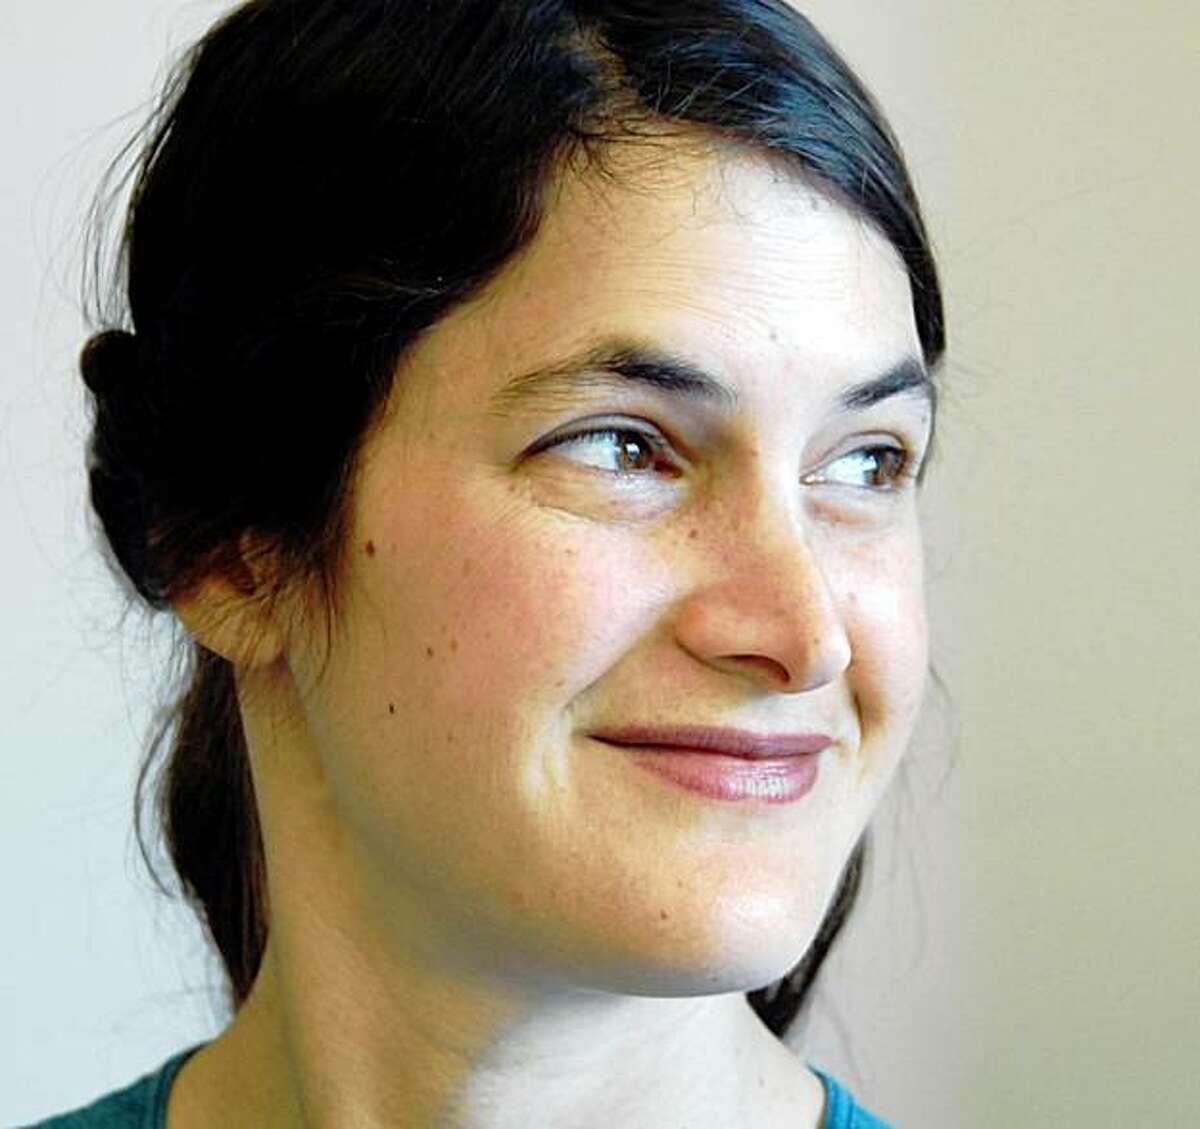 Danielle Svetcov, author of